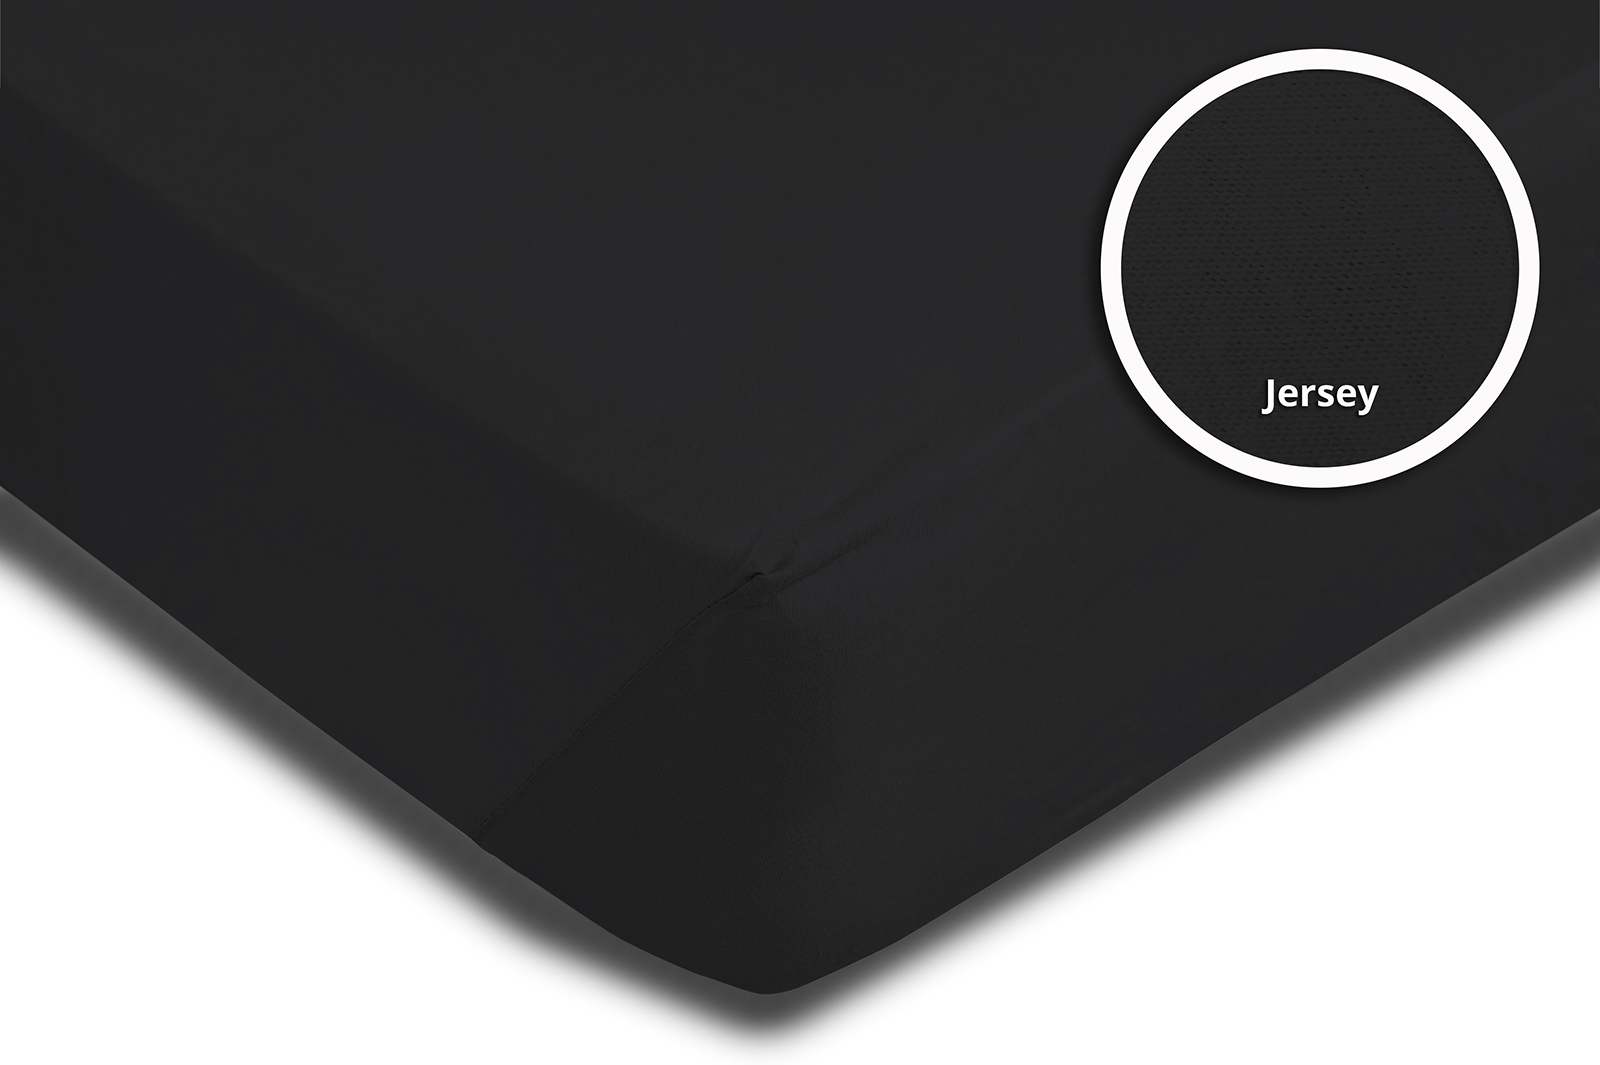 spannbettlaken spannbetttuch schwarz 140x200 cm 160x200 cm jersey baumwolle spannbettlaken. Black Bedroom Furniture Sets. Home Design Ideas